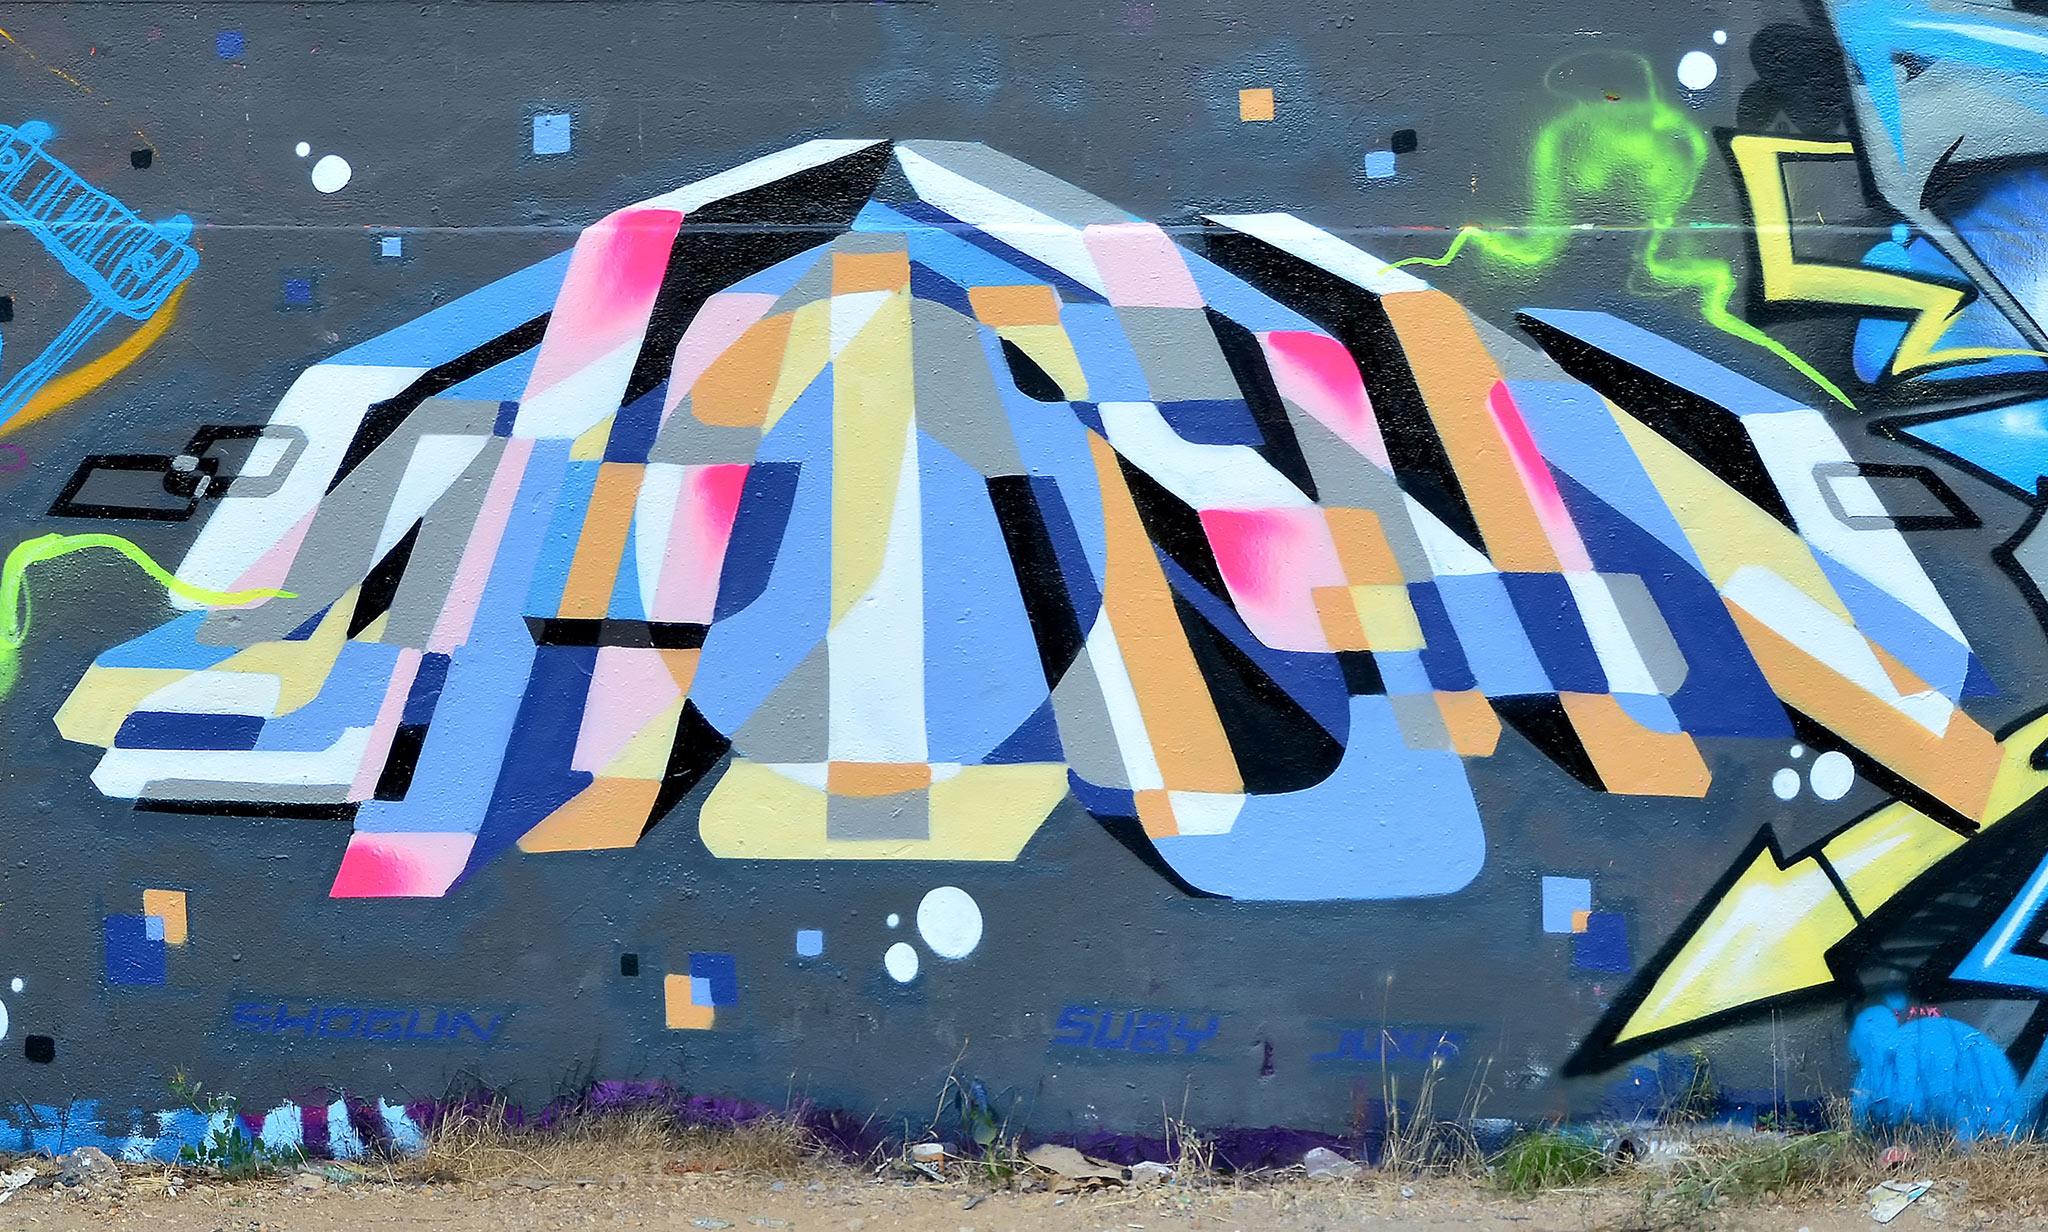 shogun_graffiti_paris_2015_secondwall_1